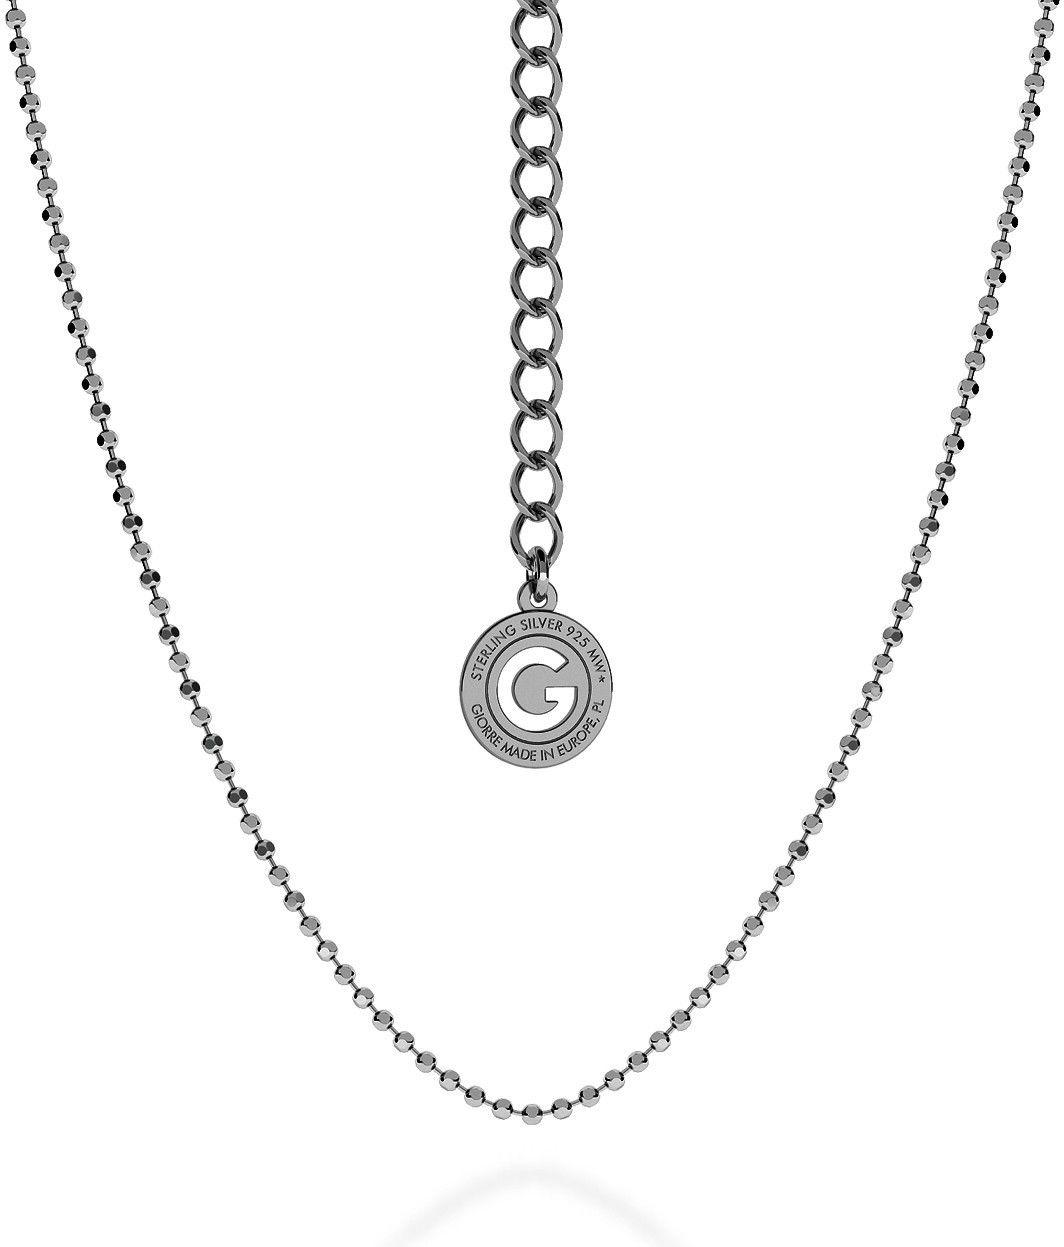 Srebrny łańcuszek pancerka diamentowana, srebro 925 : Długość (cm) - 60, Srebro - kolor pokrycia - Pokrycie platyną